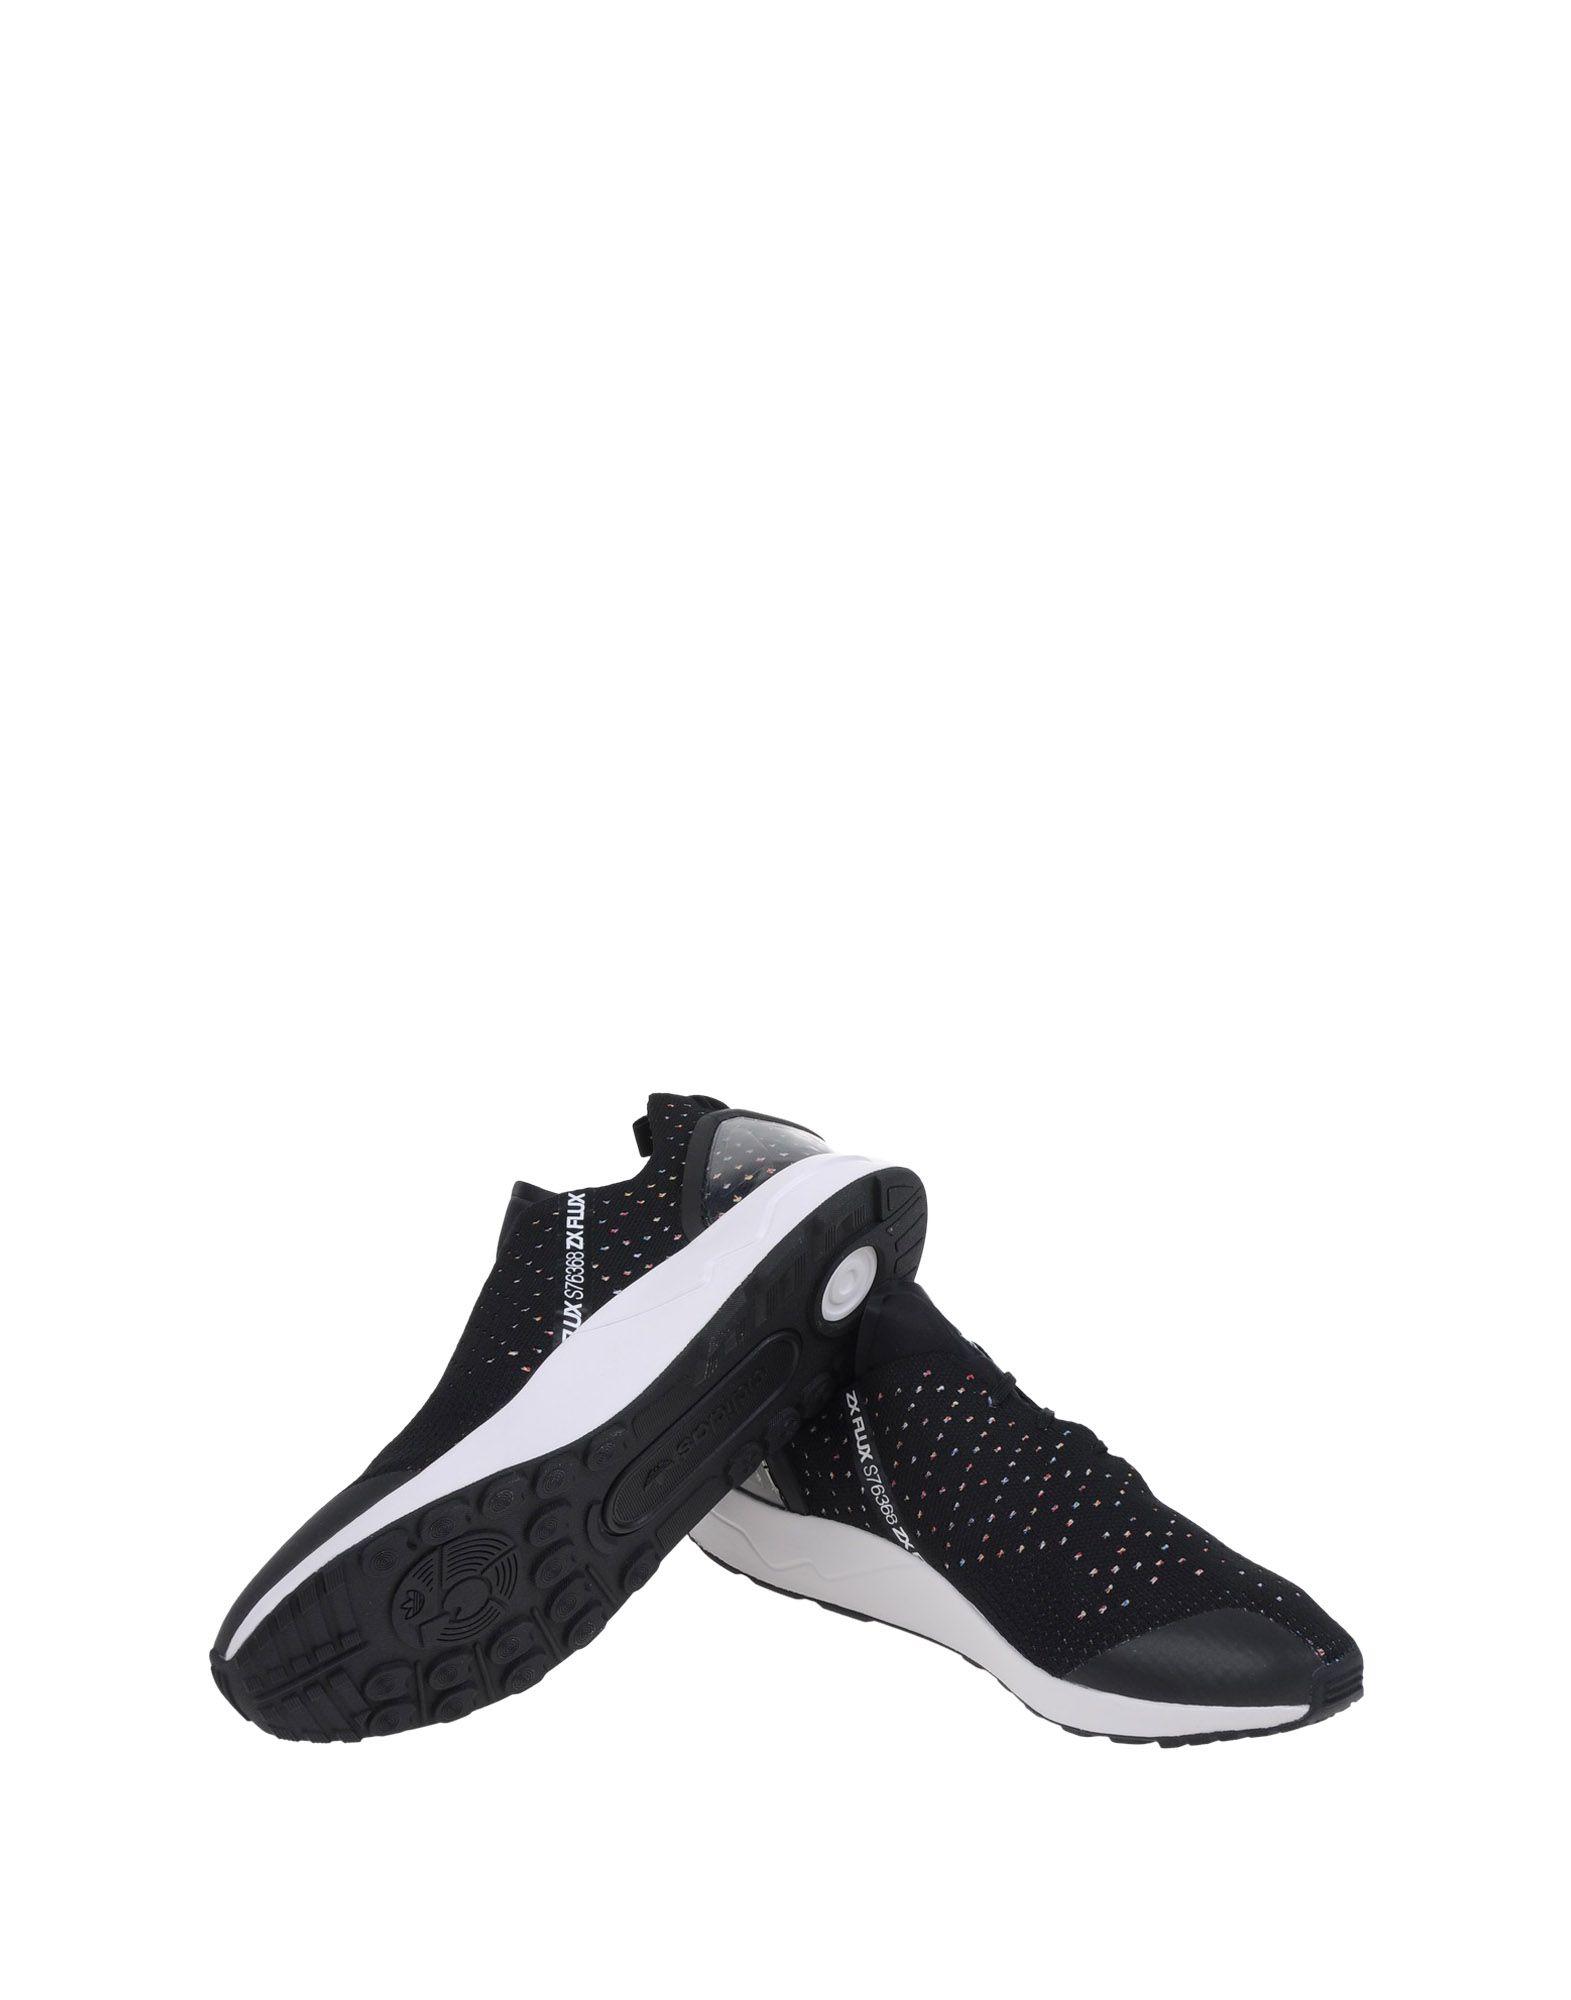 Rabatt echte Schuhe Adidas Asym Originals Zx Flux Adv Asym Adidas Pk  11105653FI 921d81